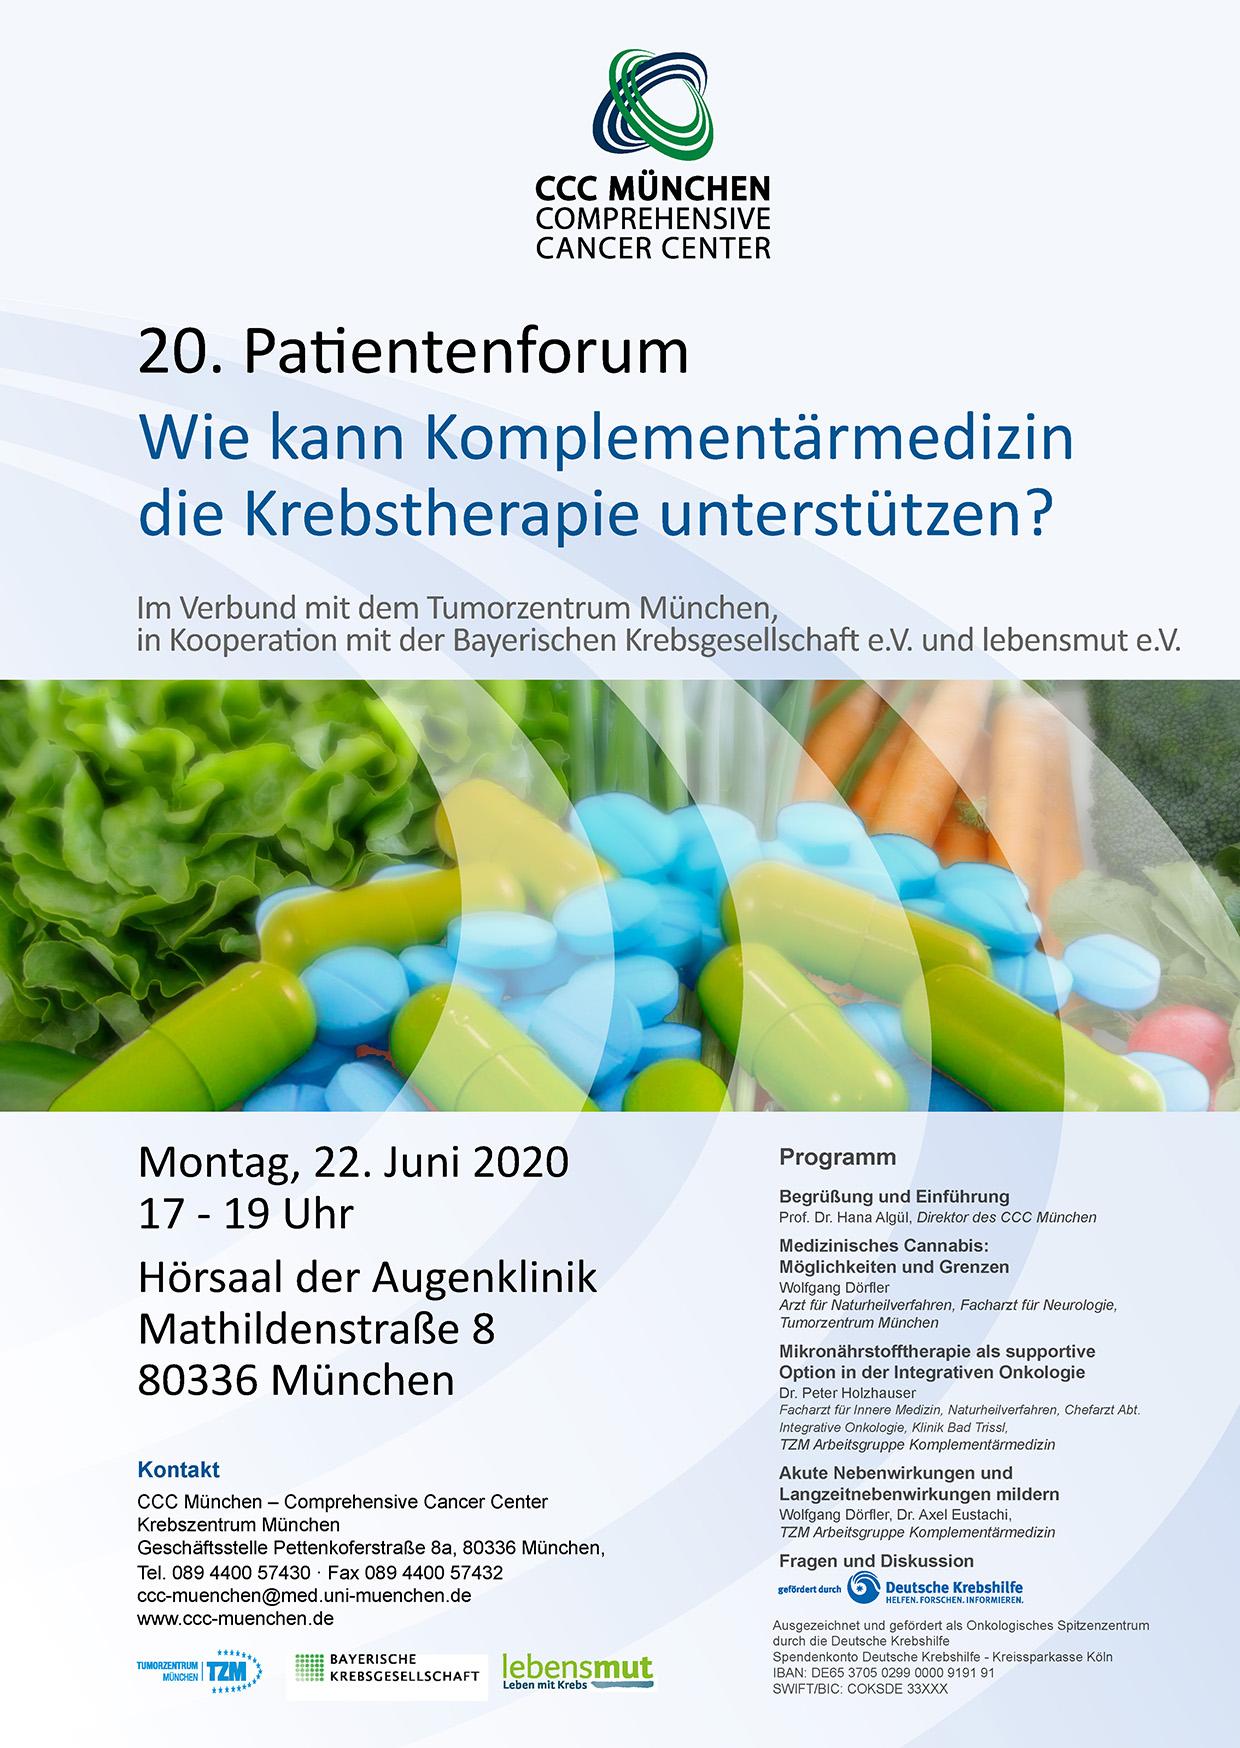 Poster - 20. Patientenforum